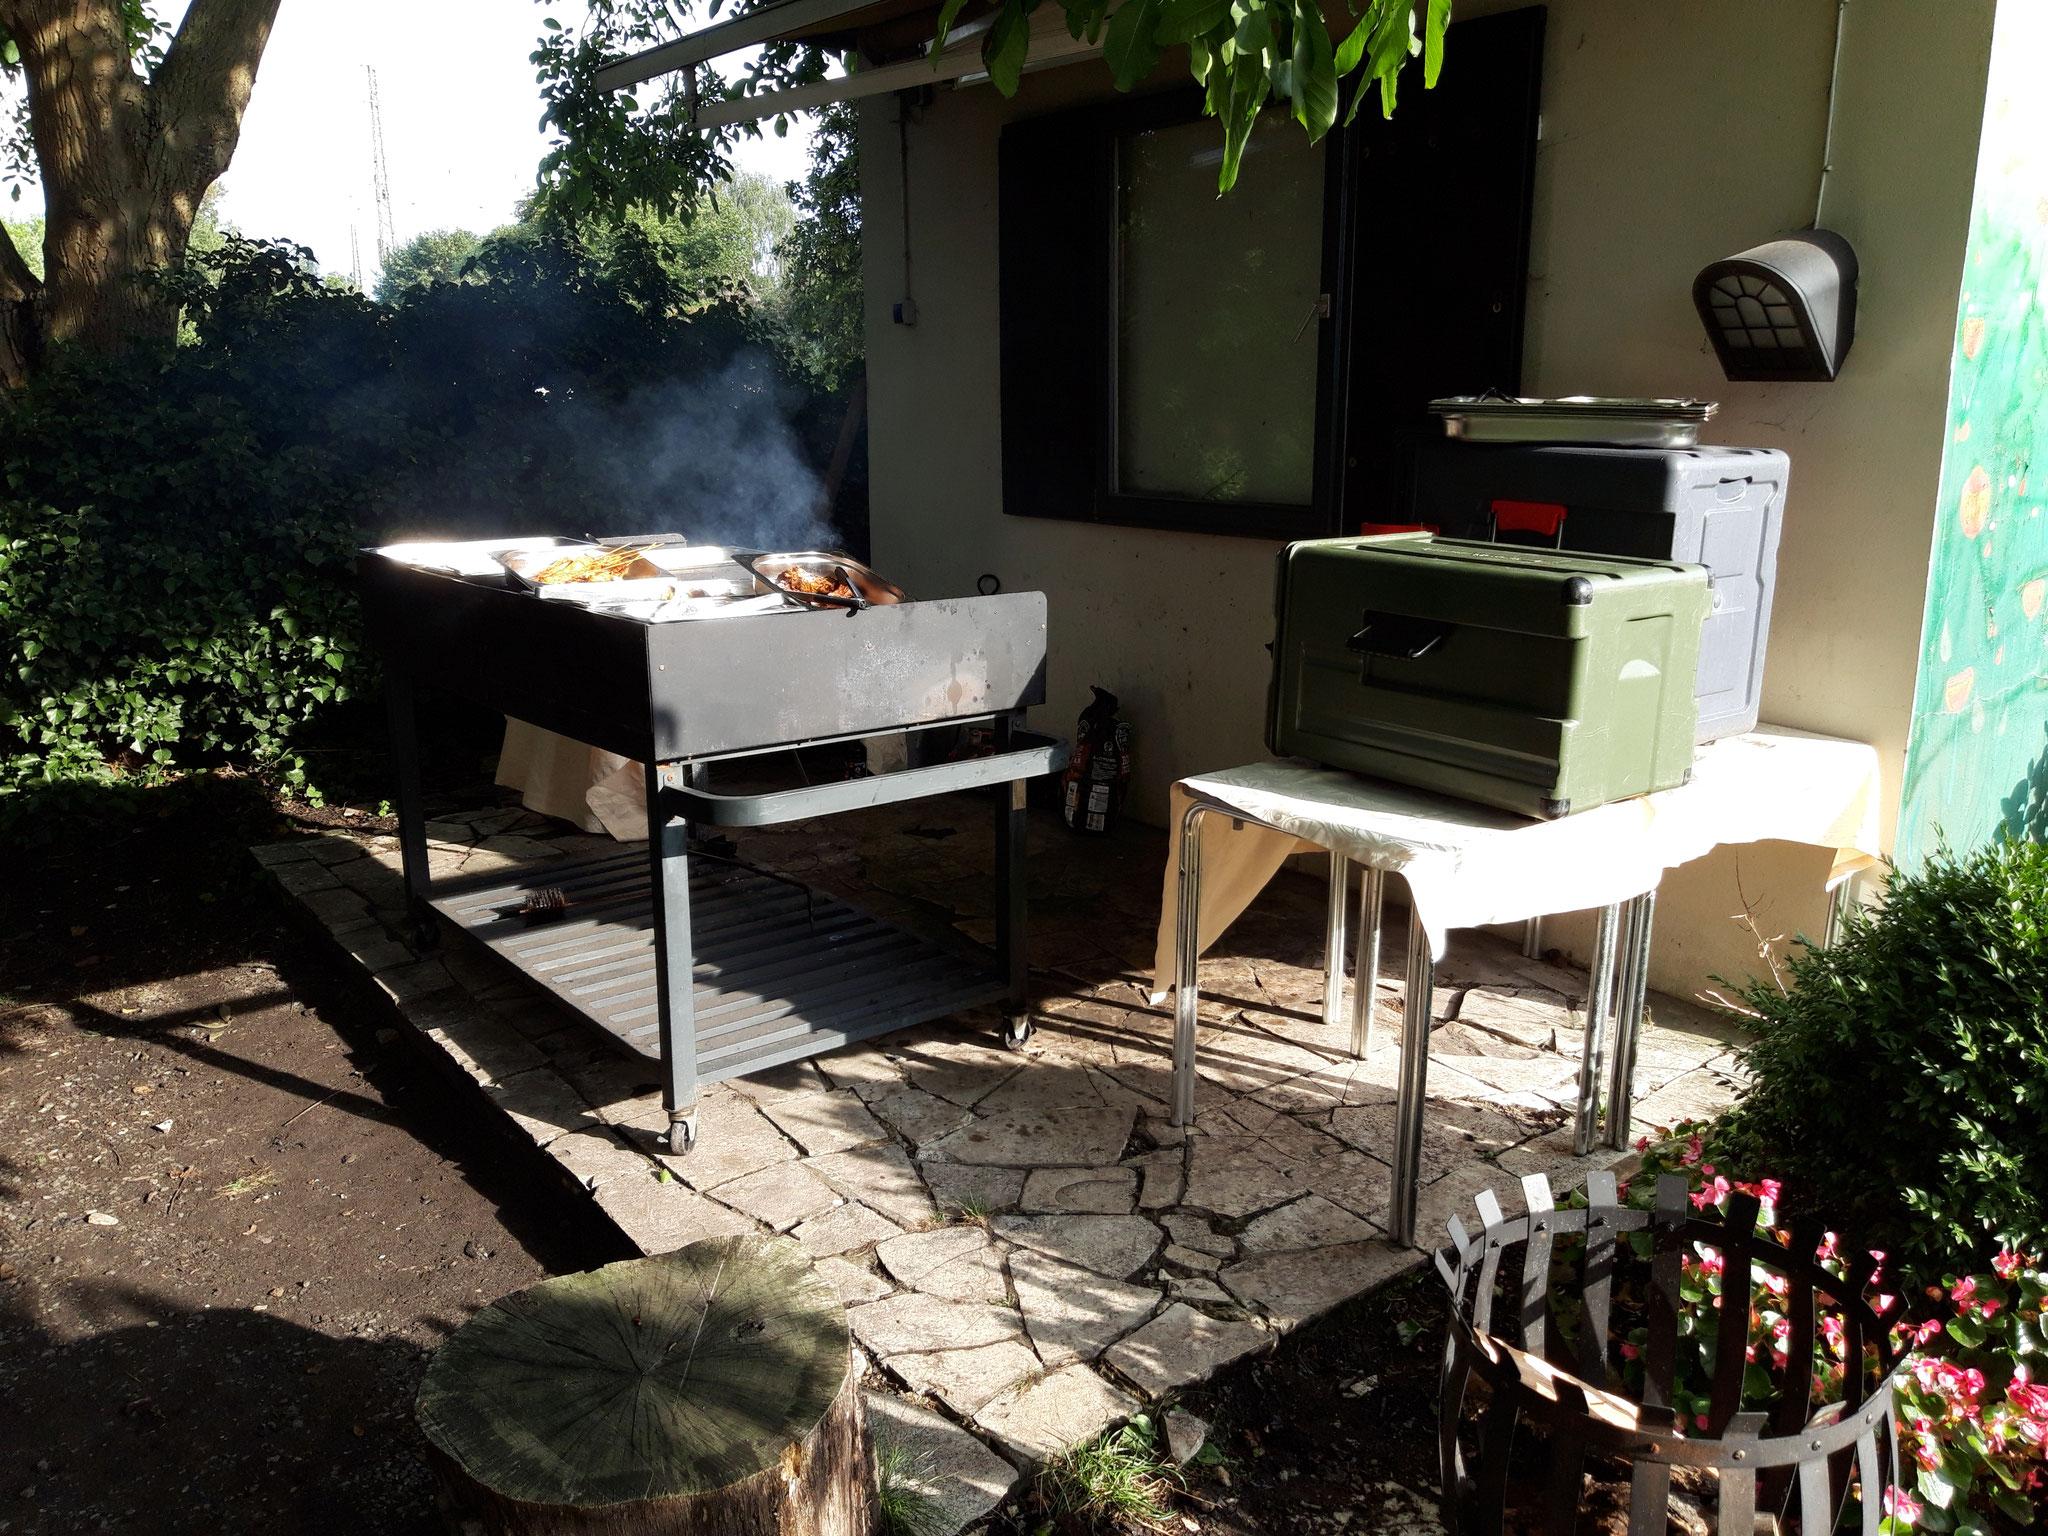 Sommerfest im Vereinsheim August 2019. Der Grill kommt zum vollen Einsatz.